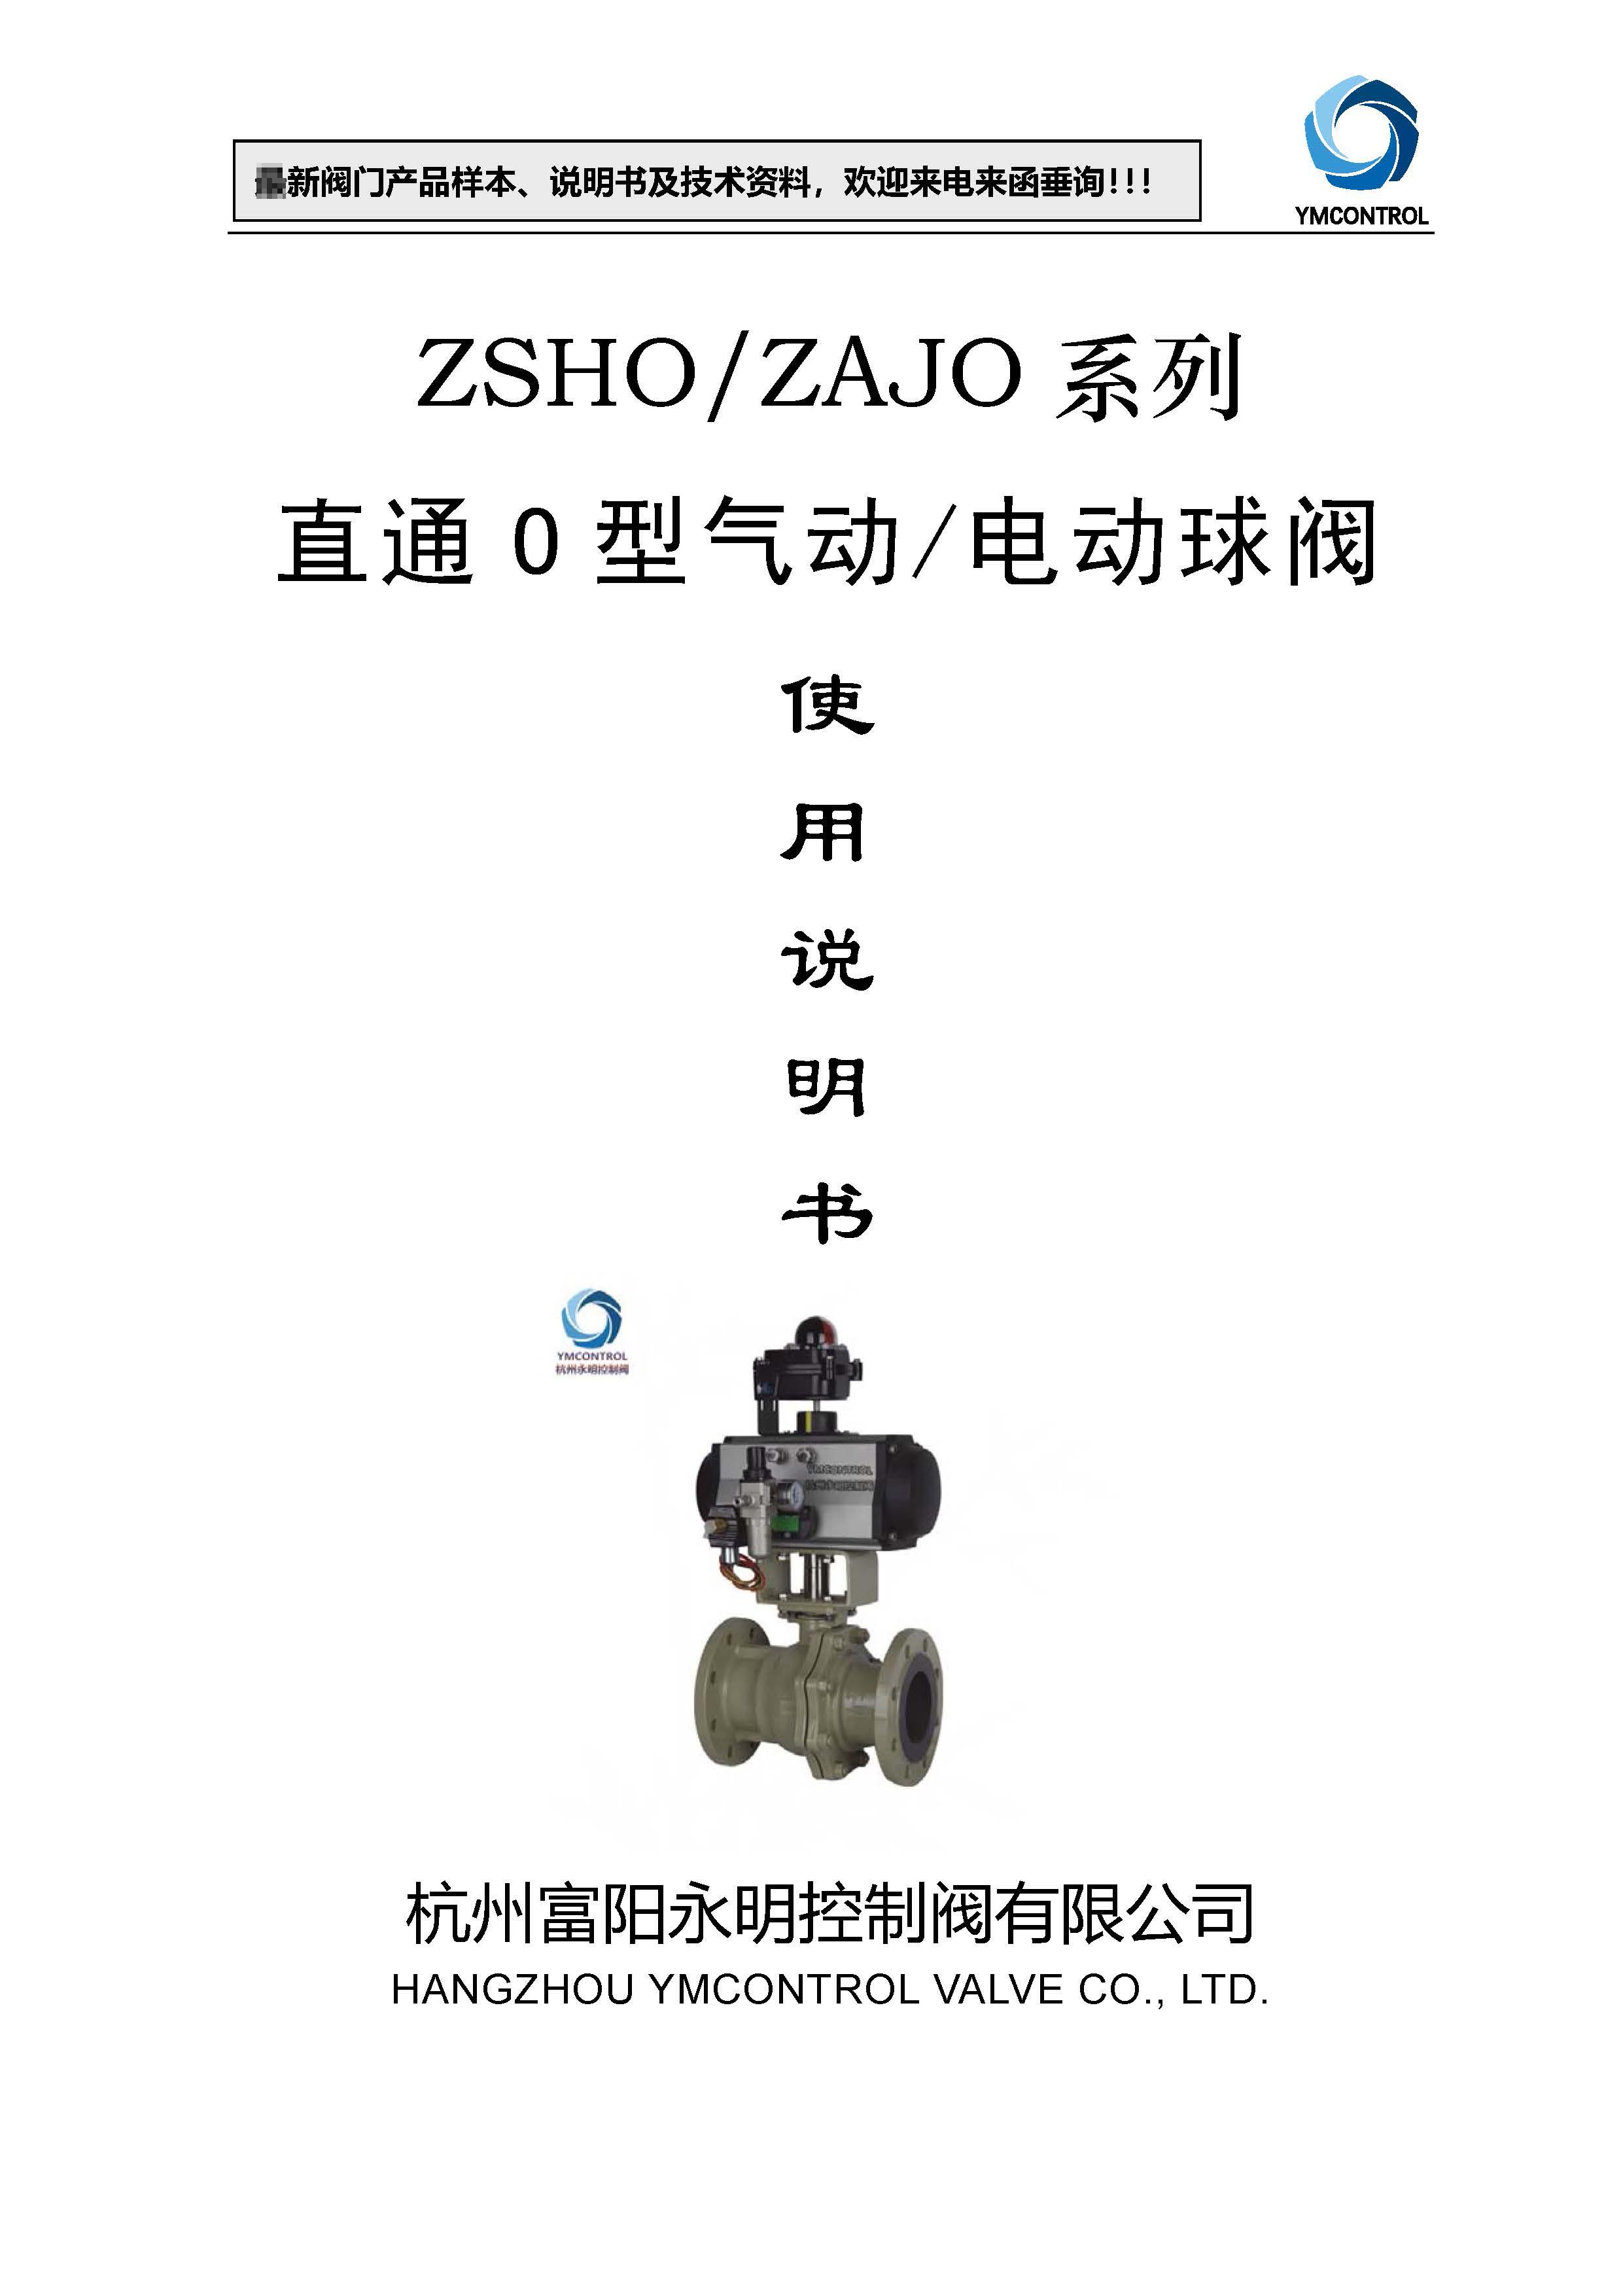 ZSHO气动活塞O型切断球阀产品使用说明书